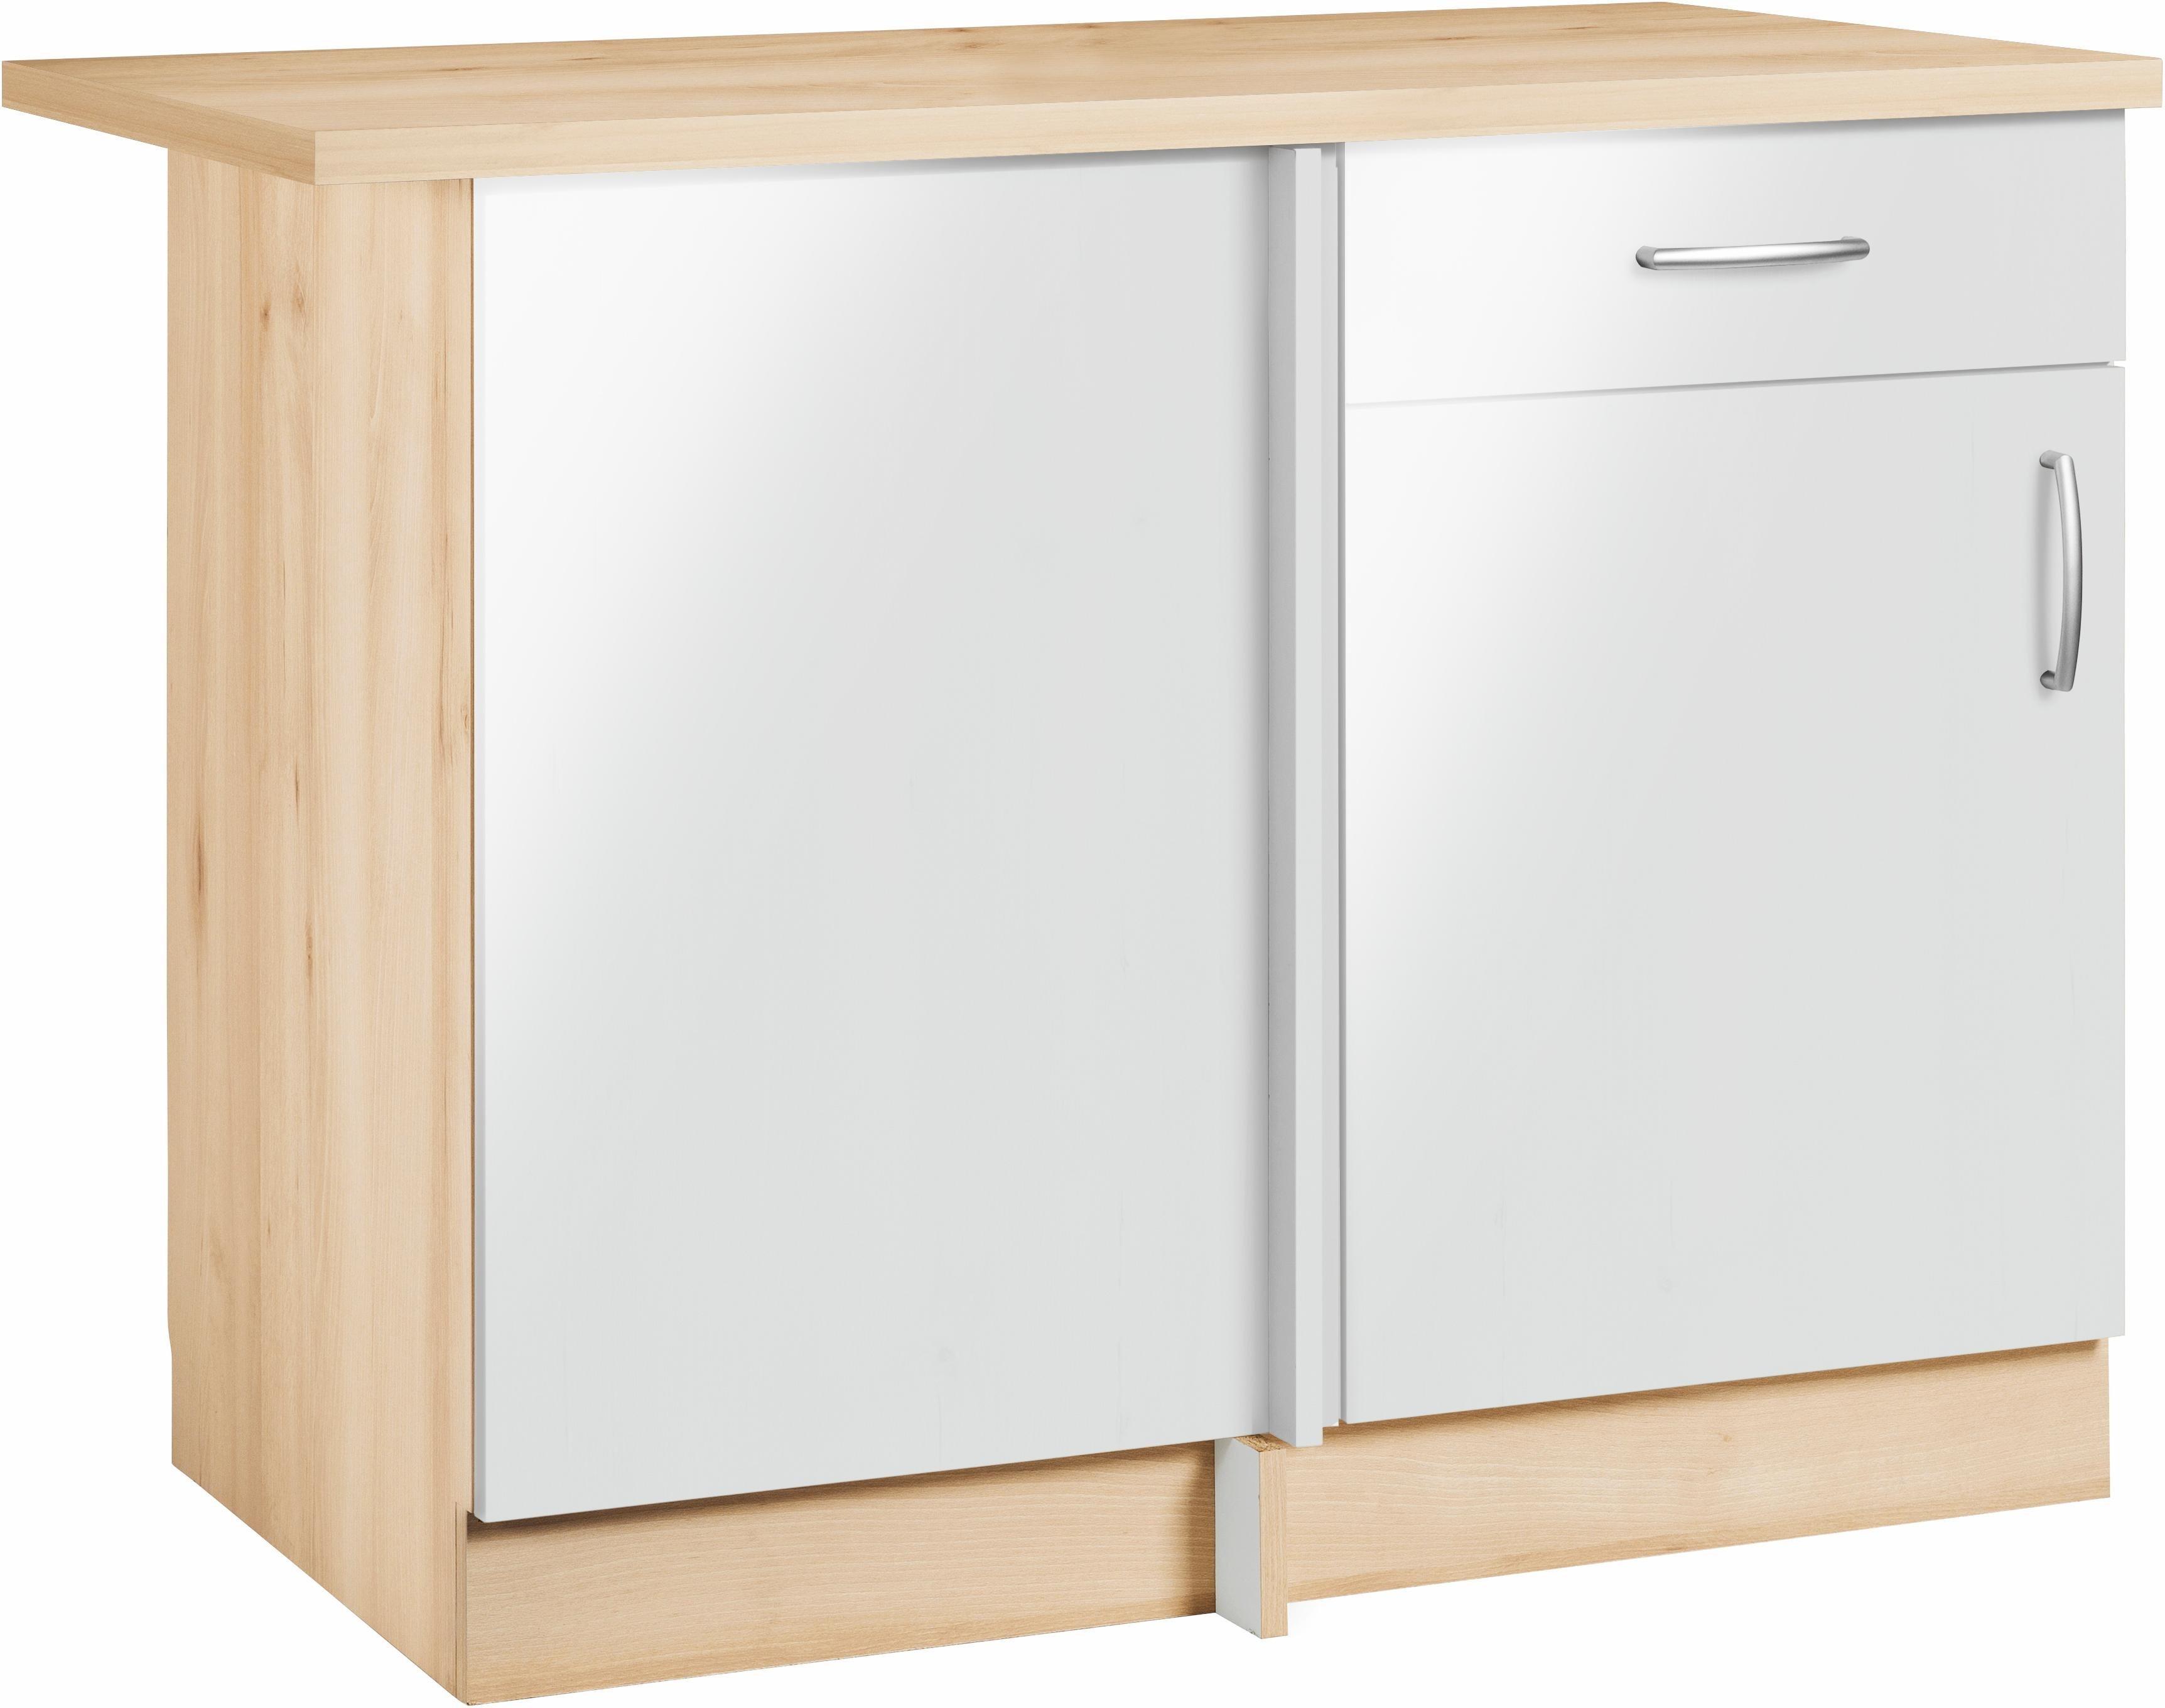 Möbel und Accessoires für Küche und Esszimmer online kaufen   Möbel ...